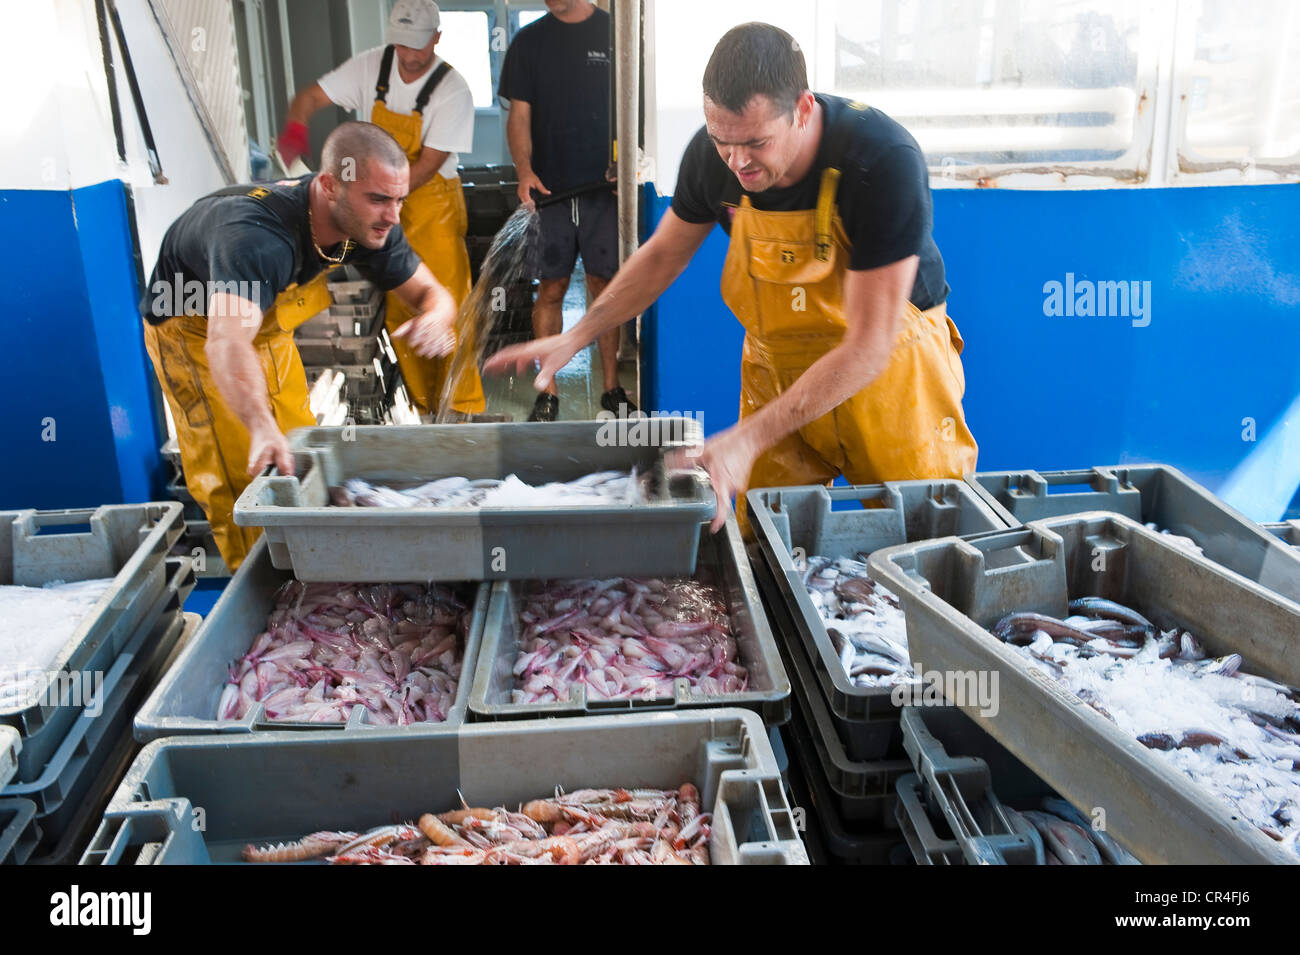 Francia, Herault, Sete, Vieux Port (Puerto Antiguo), la selección y el desembarque de los peces de un arrastrero del mercado de pescado Foto de stock